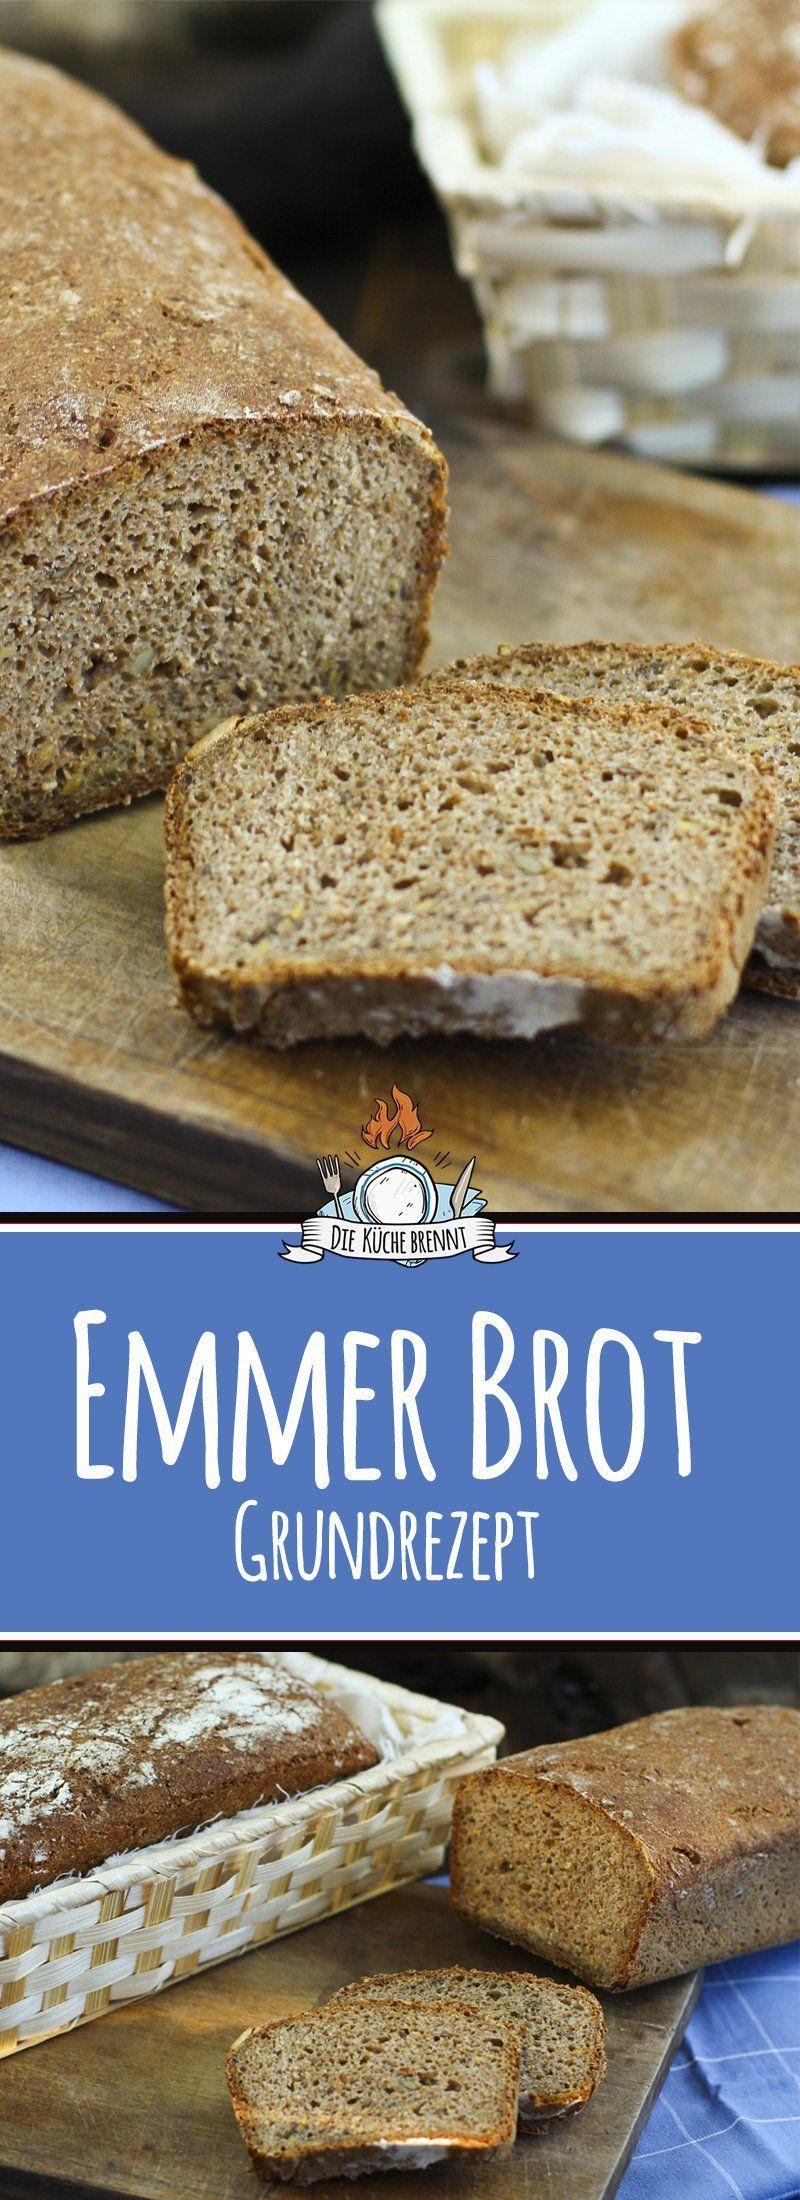 Reines Emmerbrot Rezept Backen Mit Emmermehl Brot Selber Backen Brot Backen Rezept Einfach Brot Backen